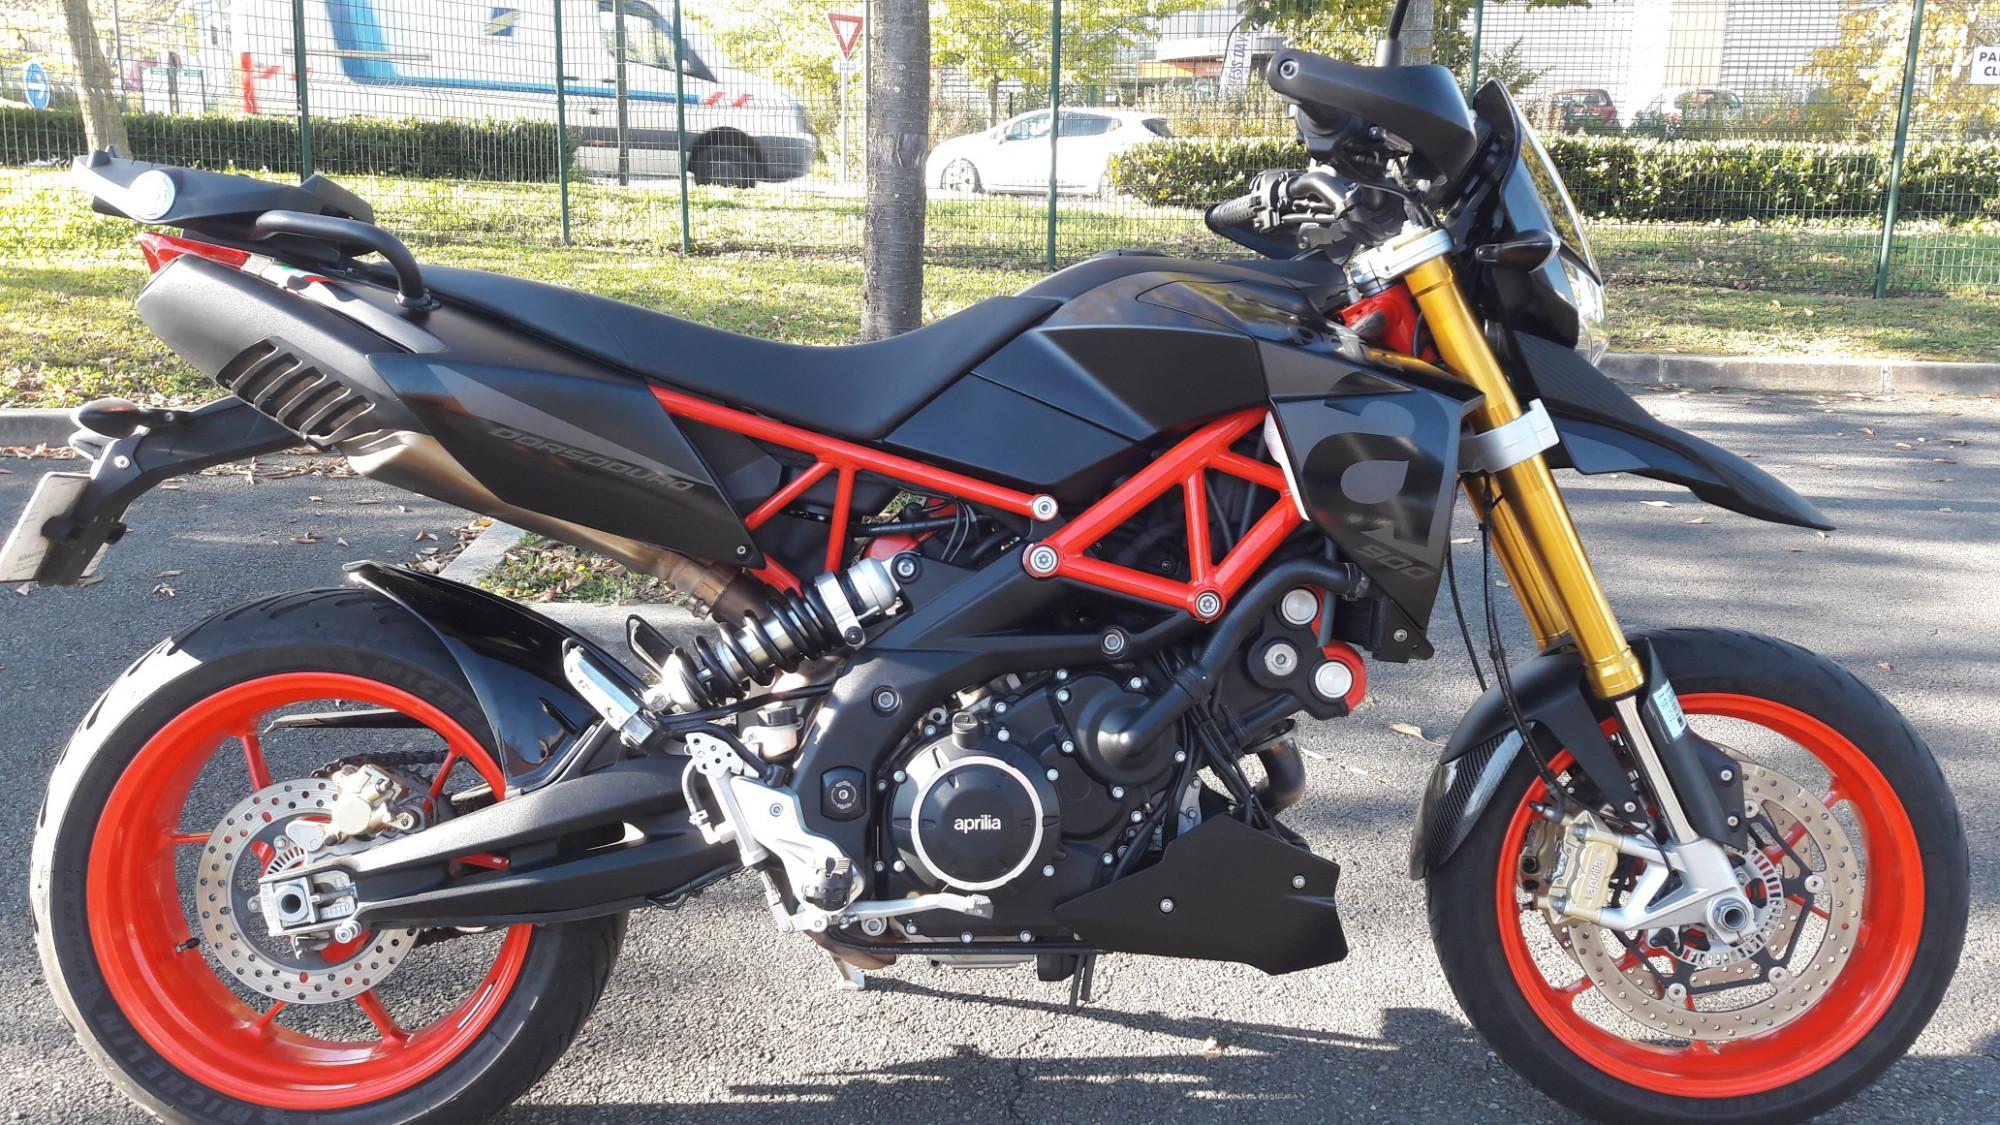 Annonce moto Aprilia DORSODURO 900 ABS